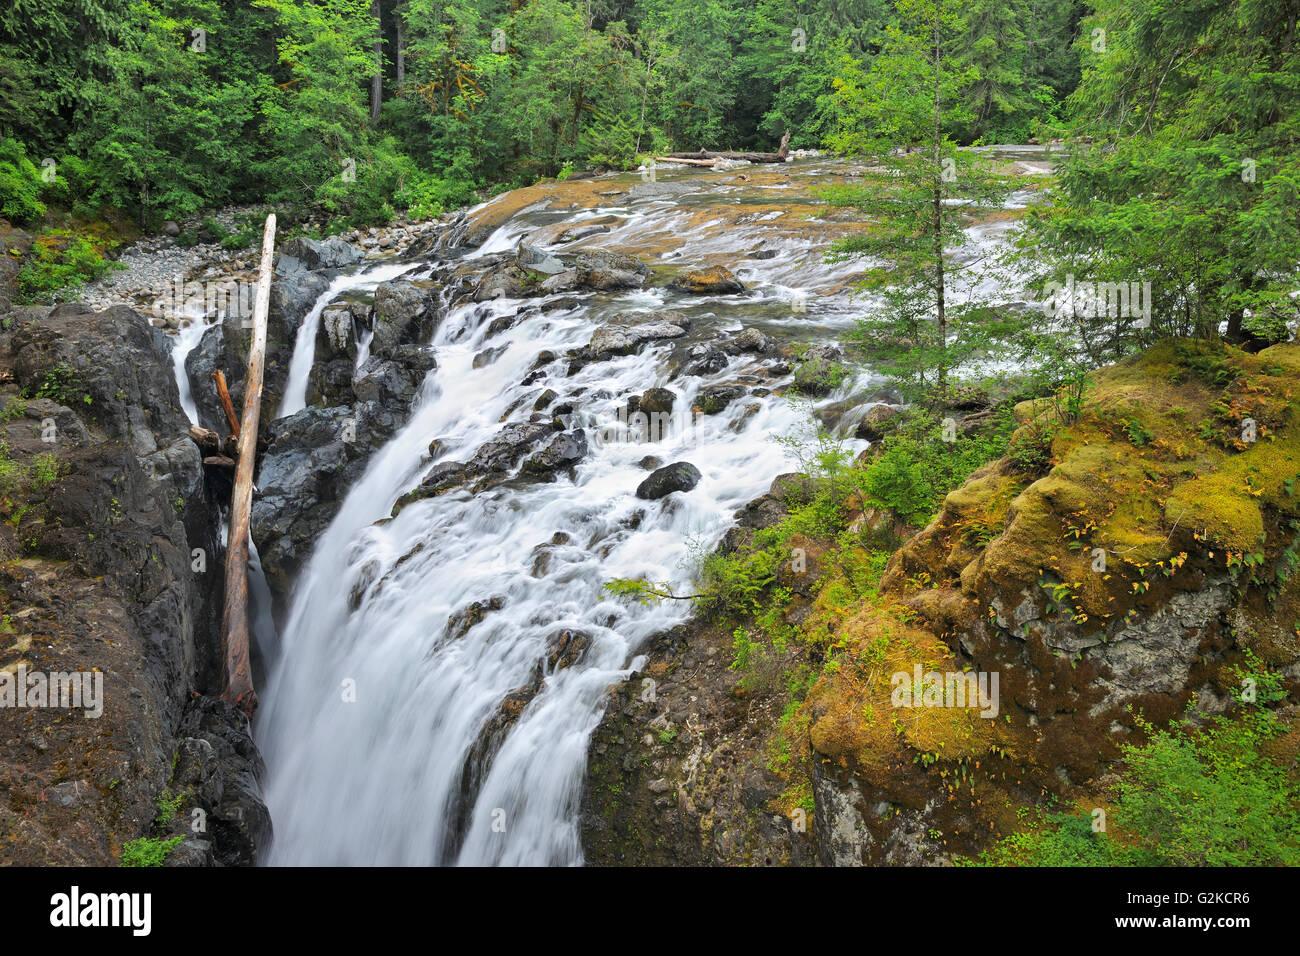 Englishman River Falls Englishman River Falls Provincial Park British Columbia Canada - Stock Image